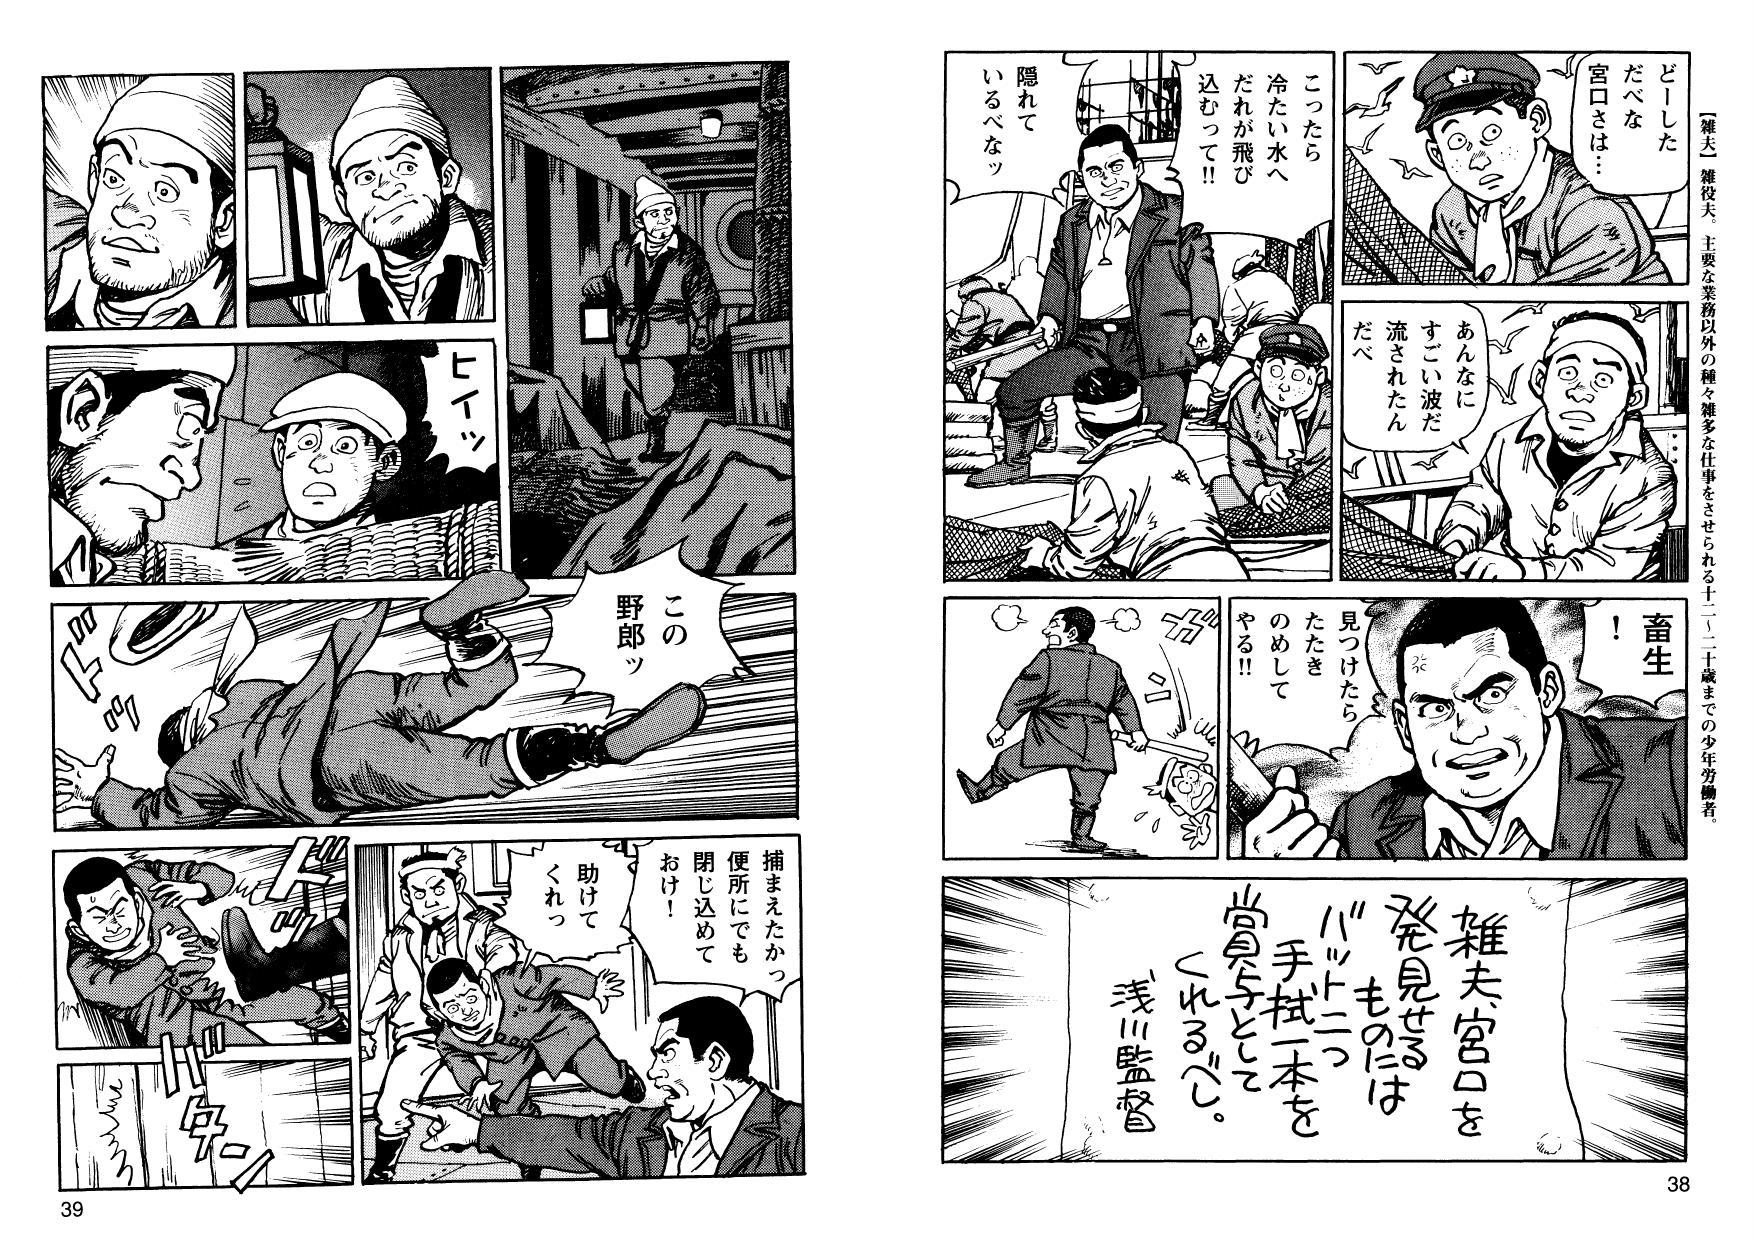 kani_cmc_000020.jpg